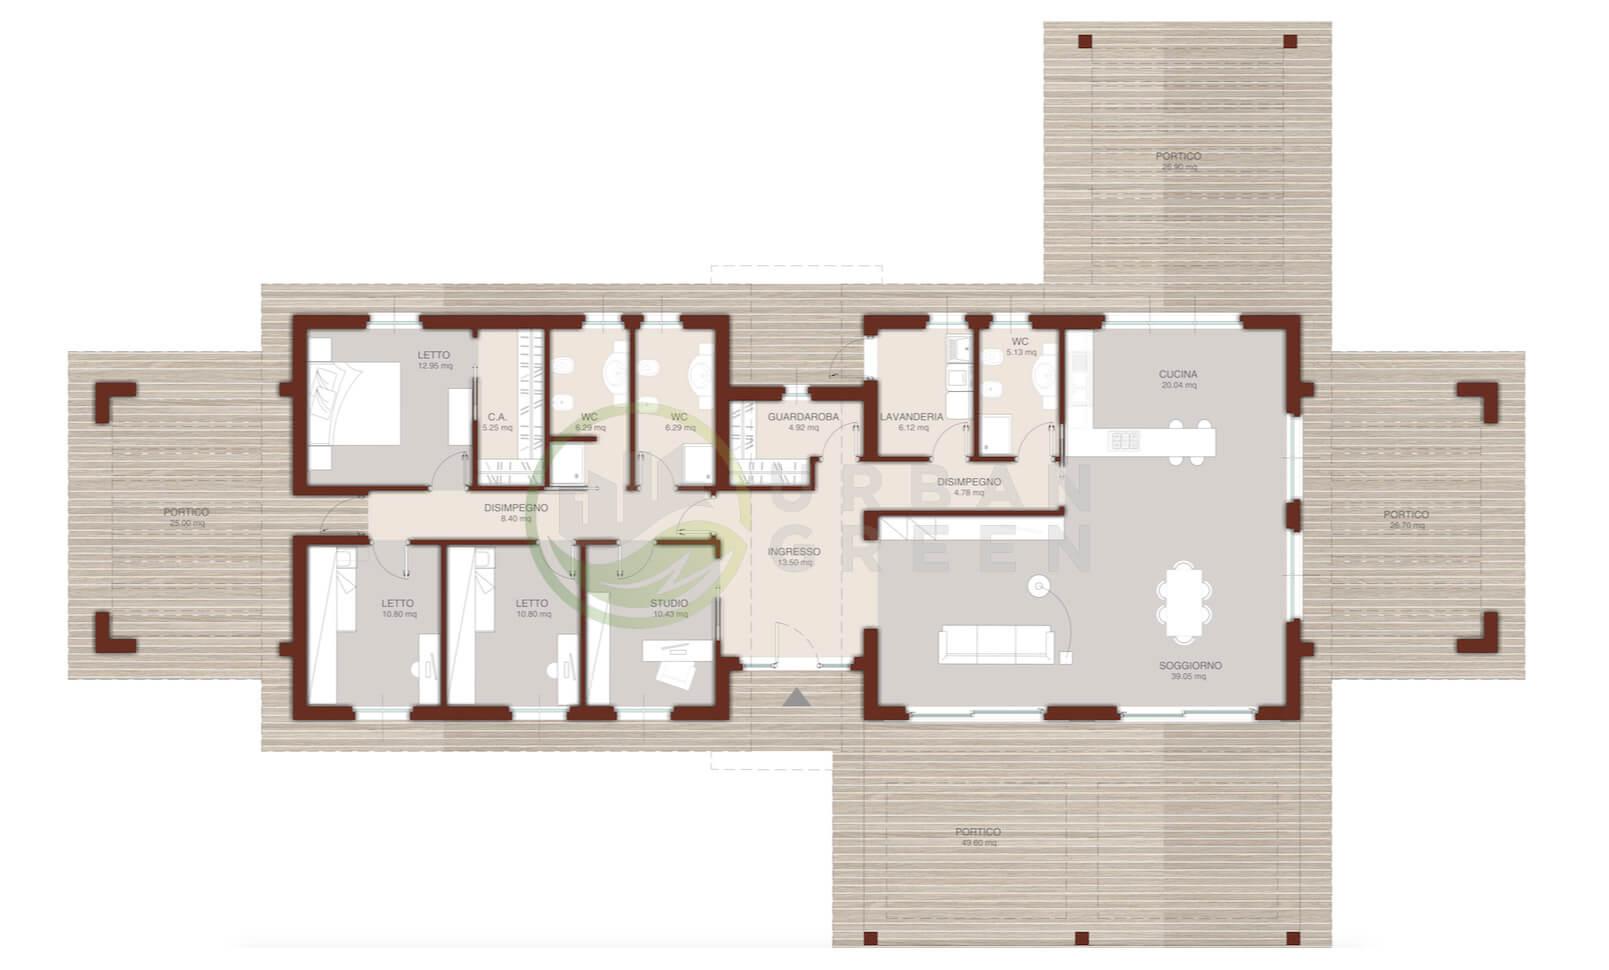 Casa In Legno Monopiano Urb29 Urban Green